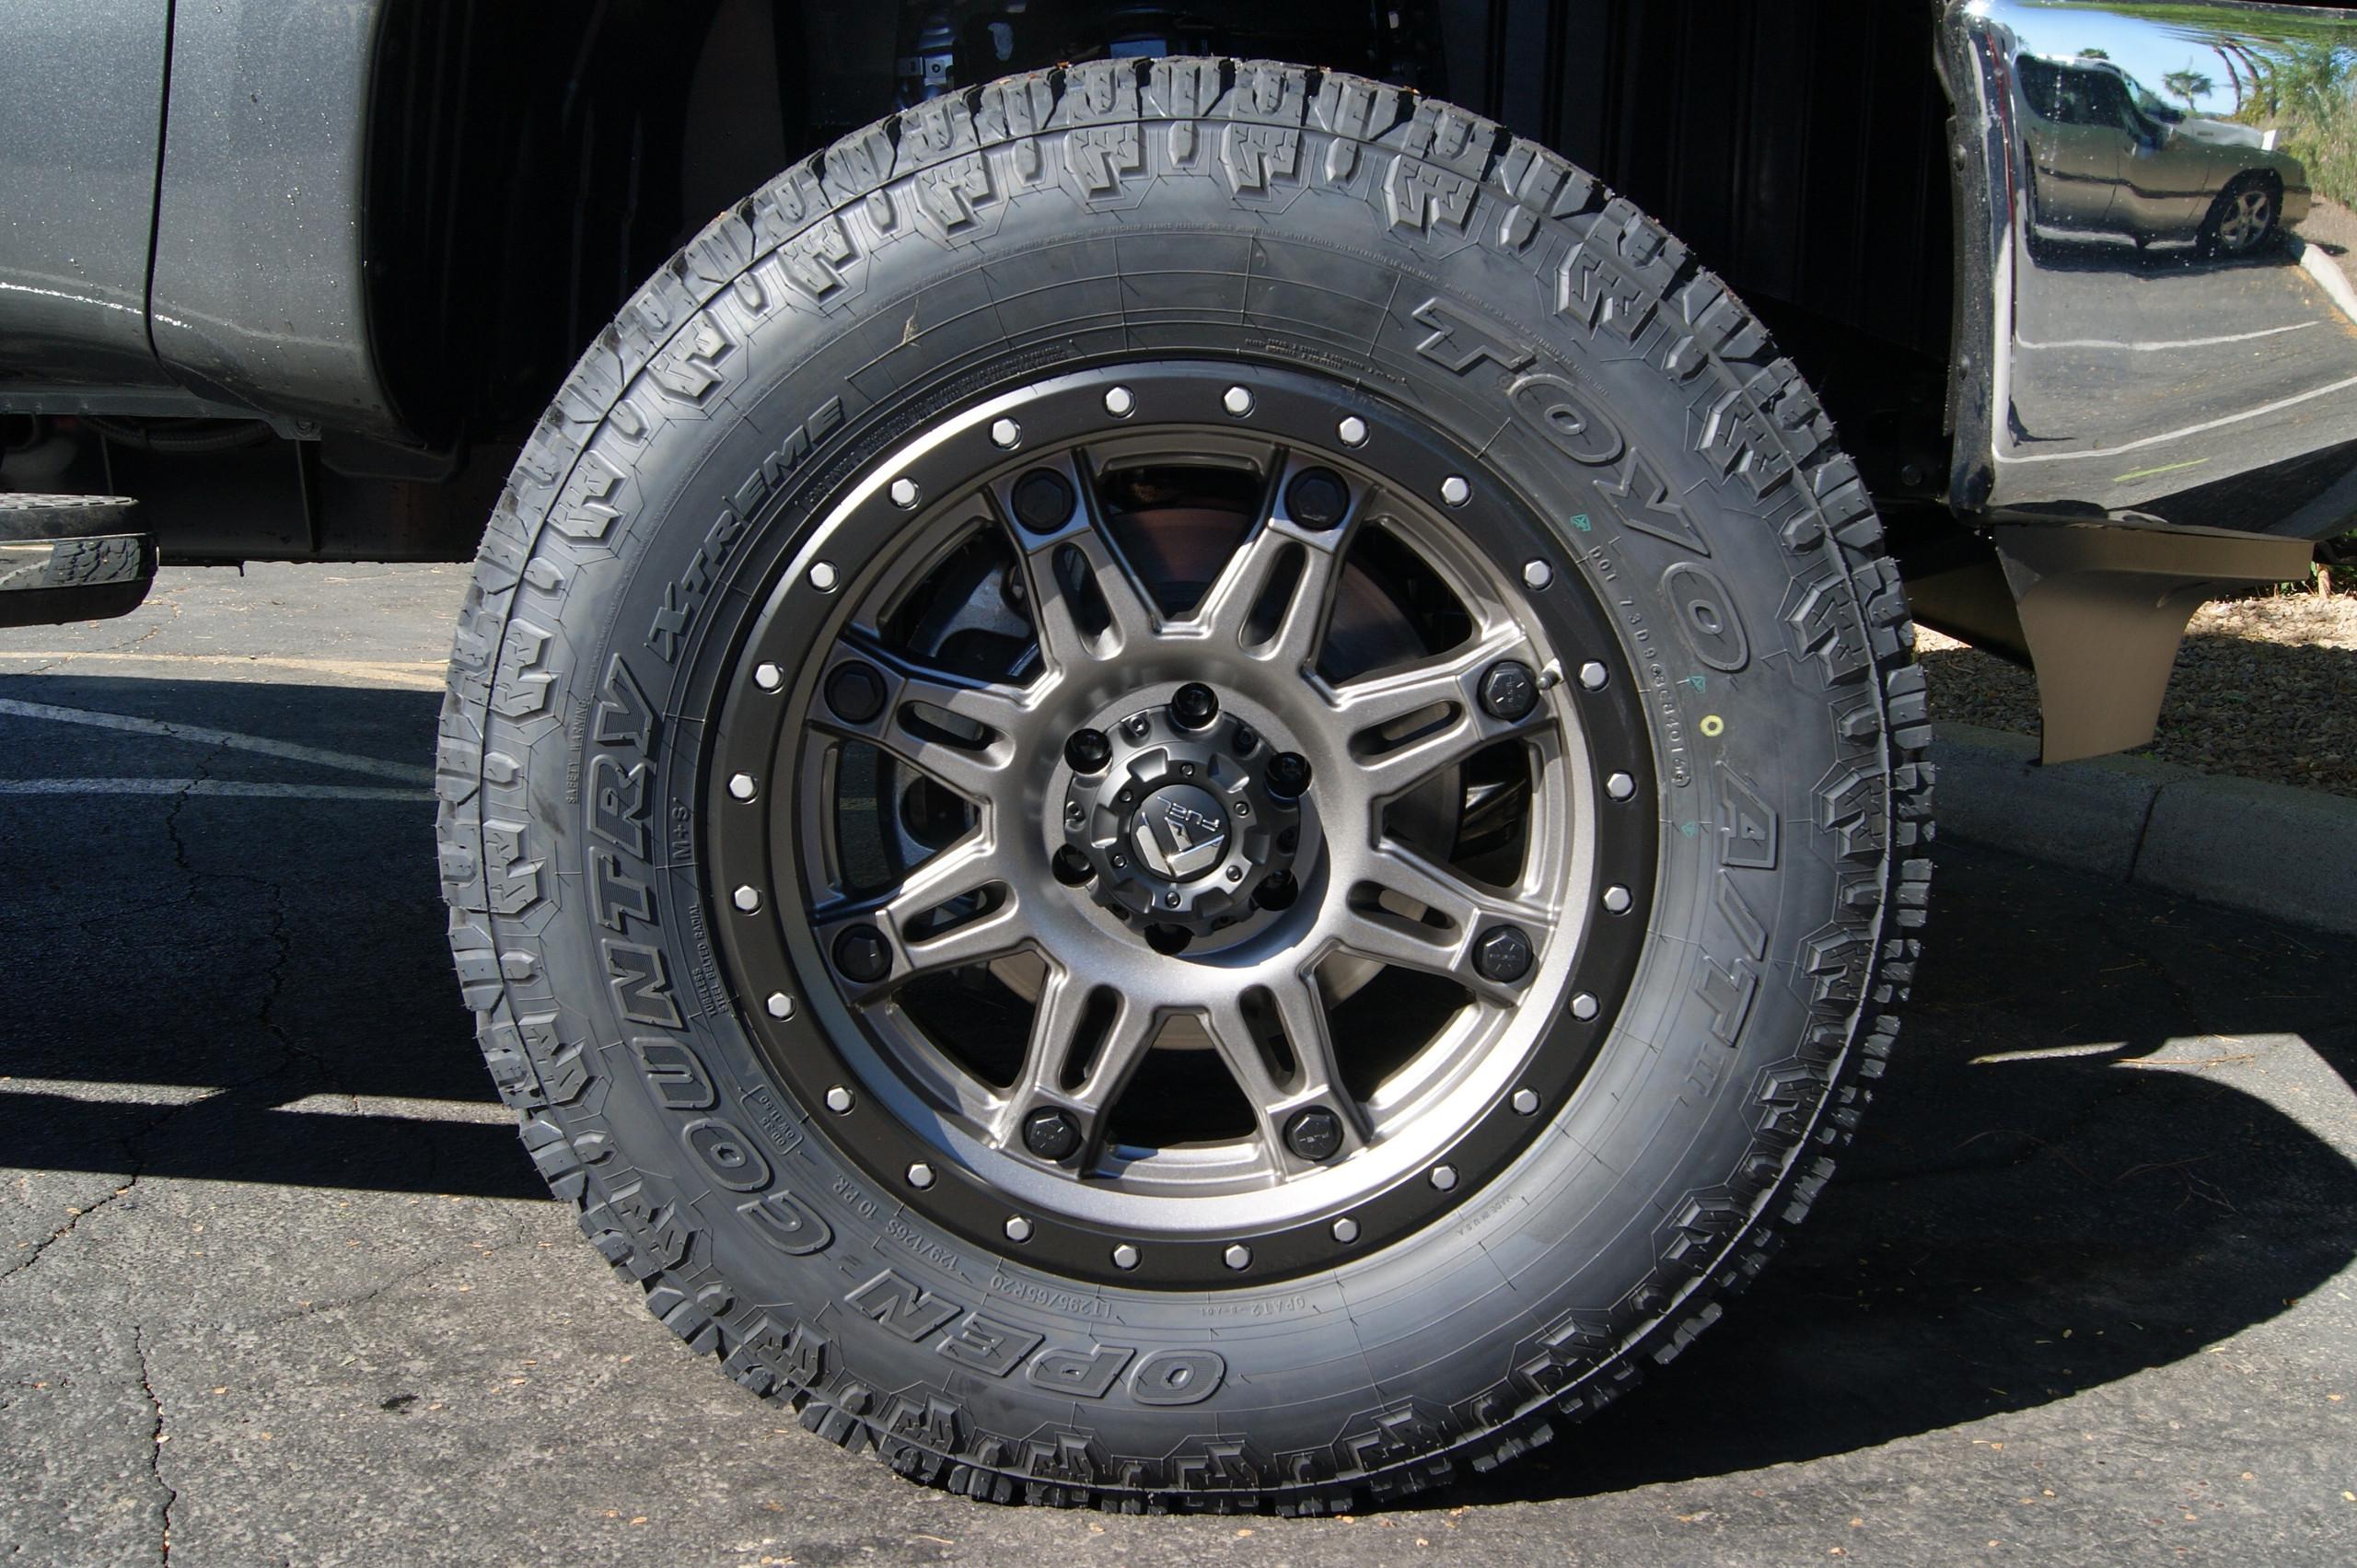 2016 Nissan Titan XD 4x4